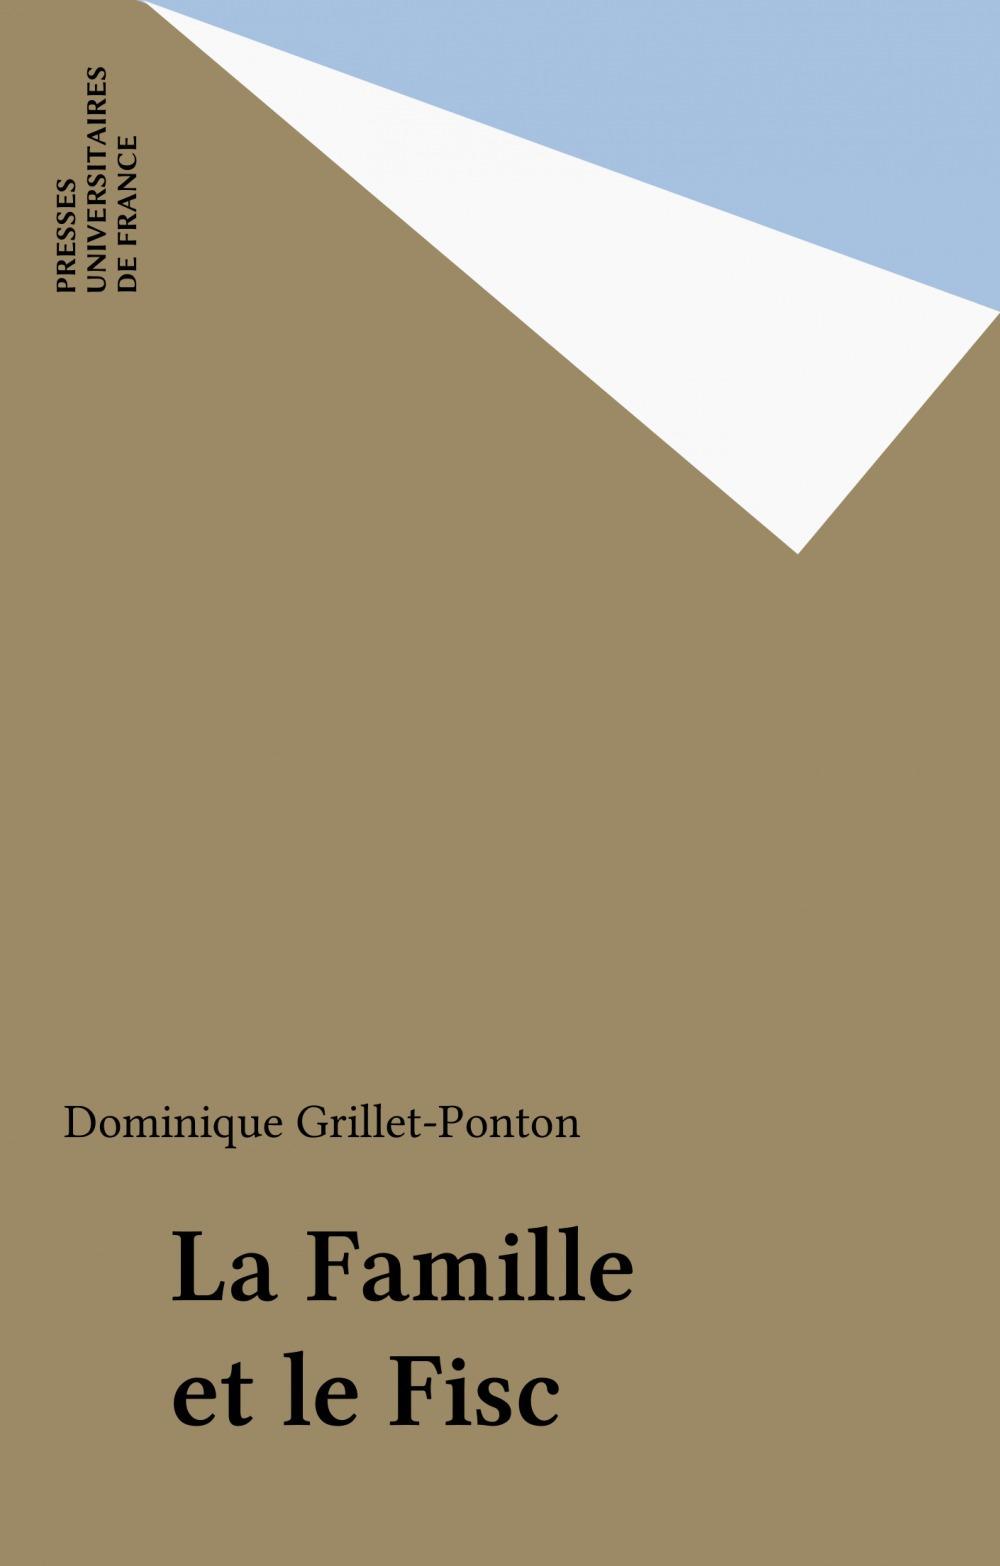 La Famille et le Fisc